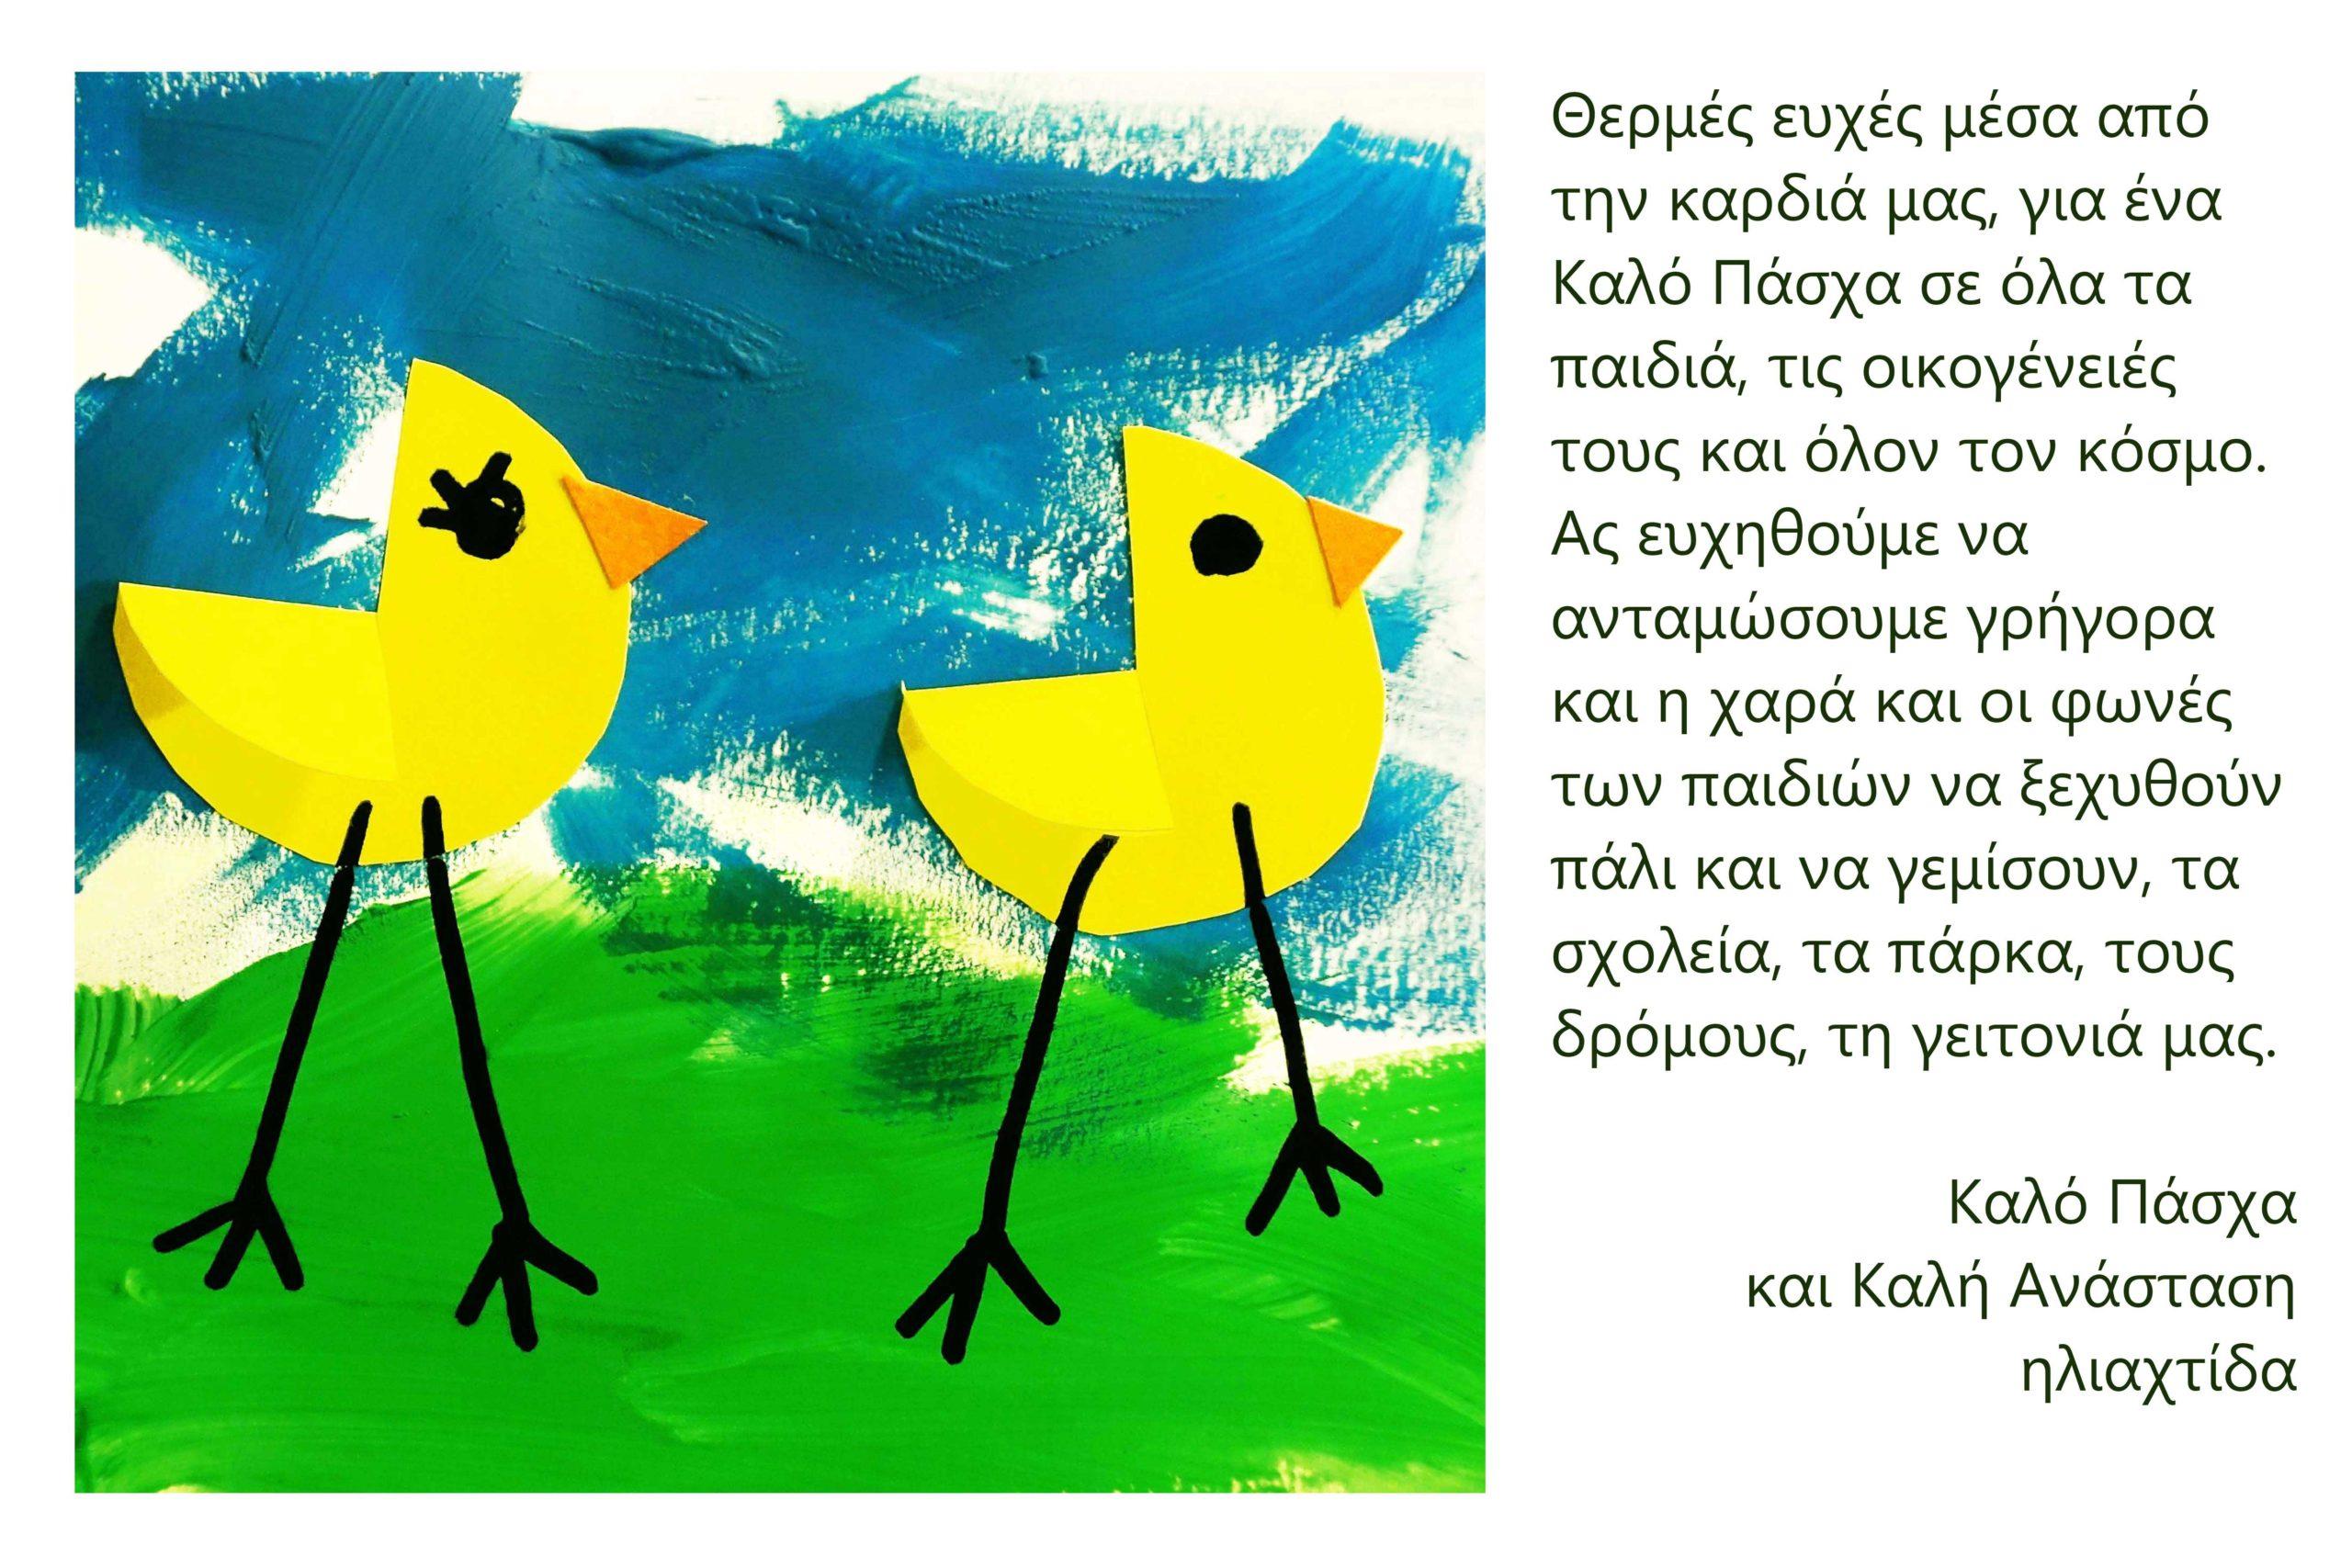 KALO_PASXA_HLIACTIDA2